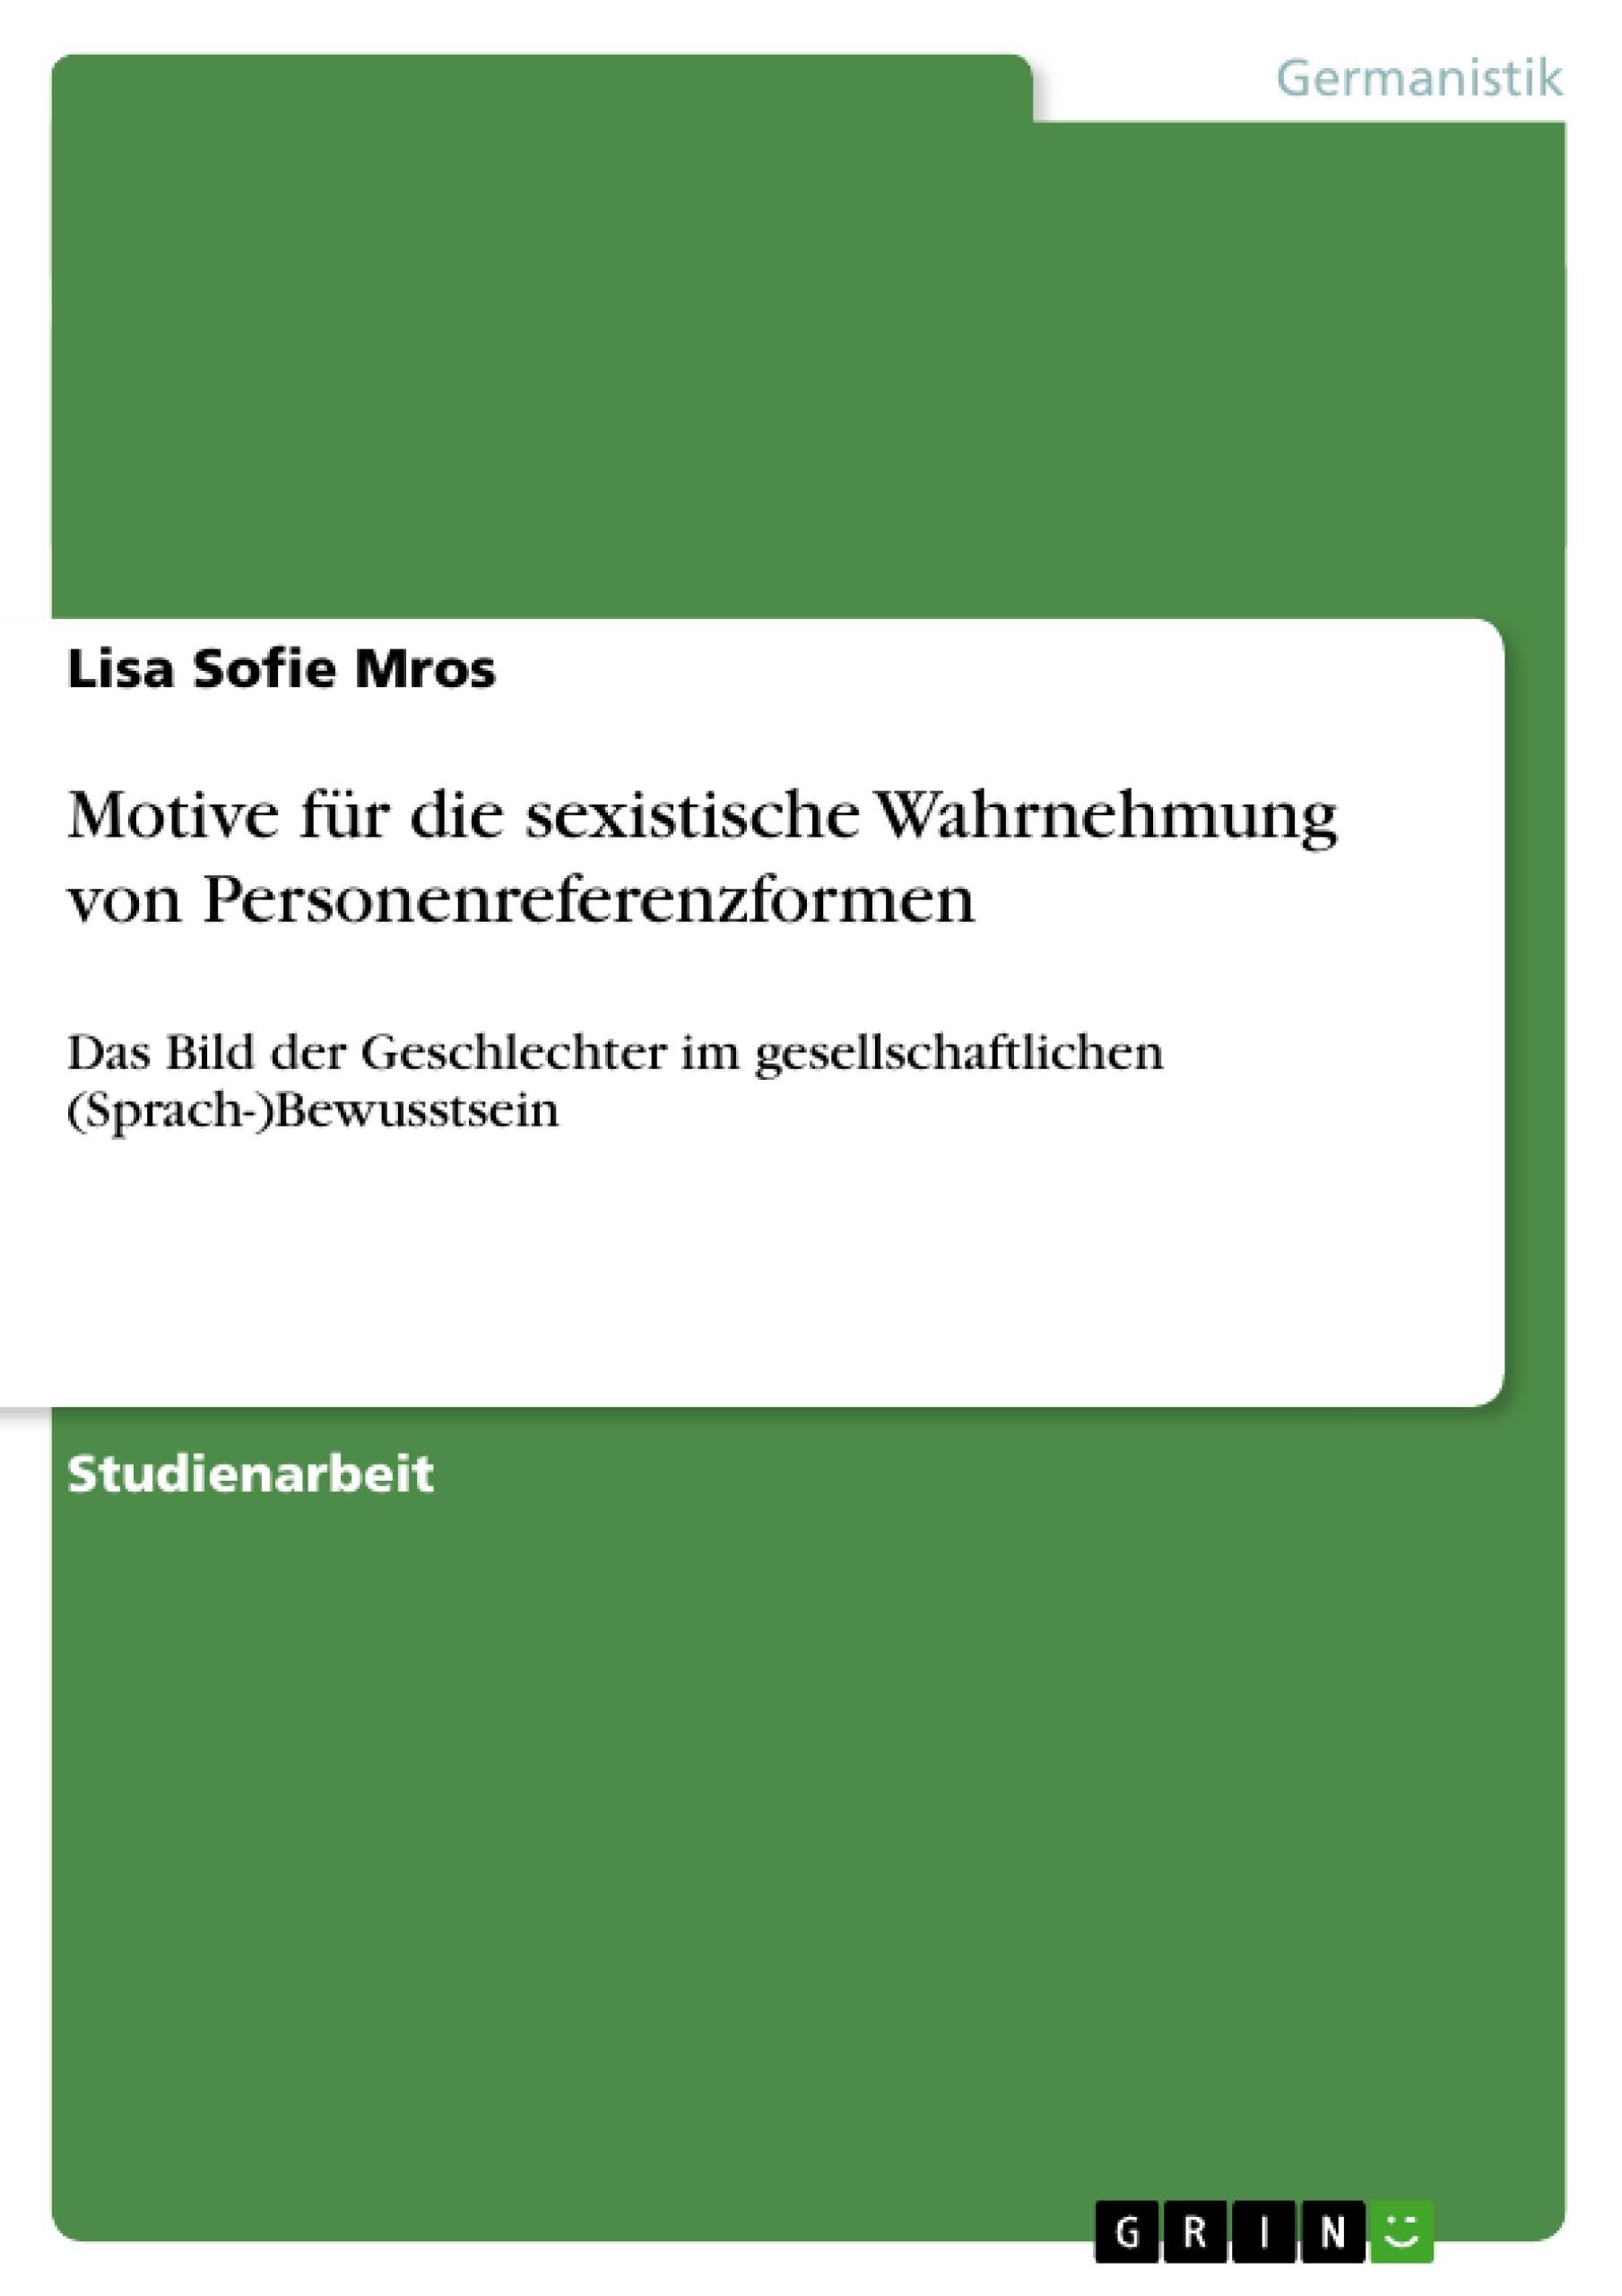 Titel: Motive für die sexistische Wahrnehmung von Personenreferenzformen